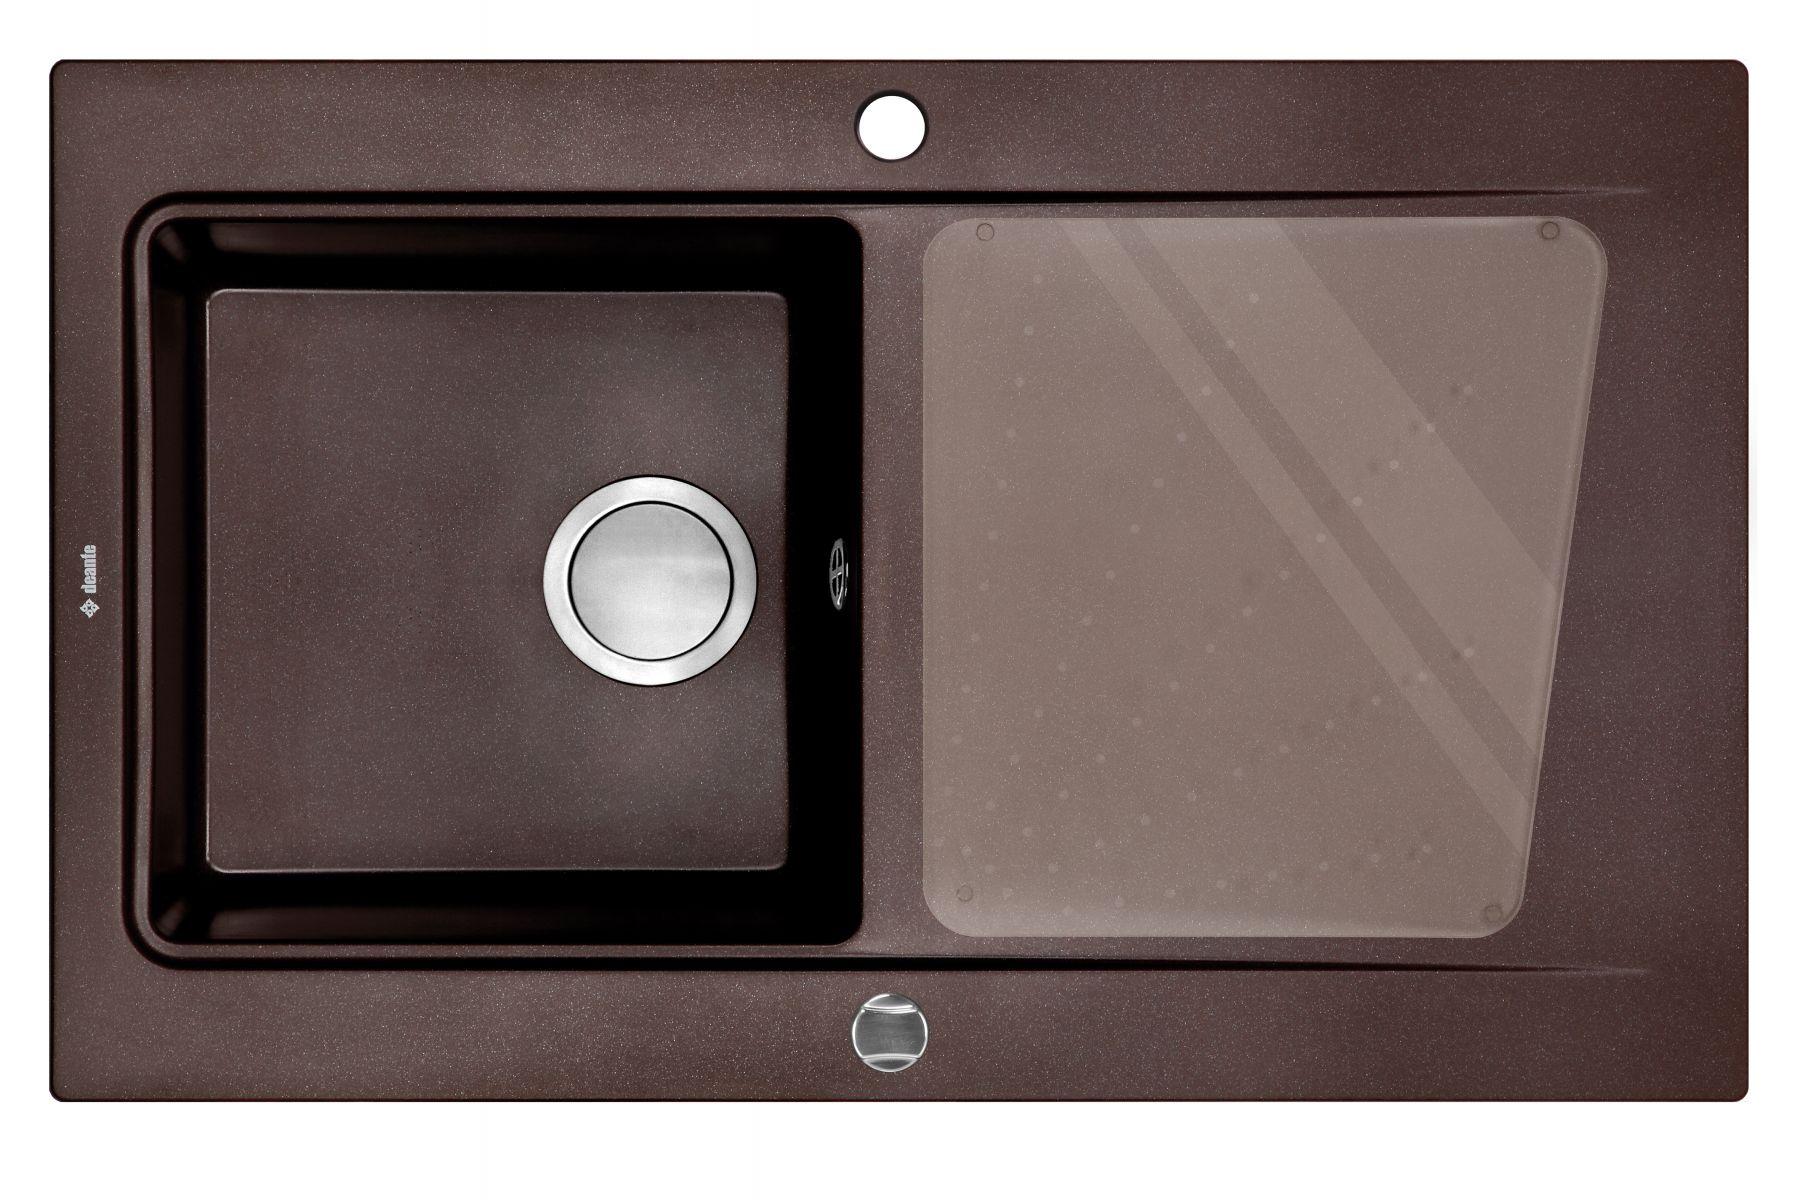 Modern 1 Bowl Brown Metallic Granite Sink for Kitchen